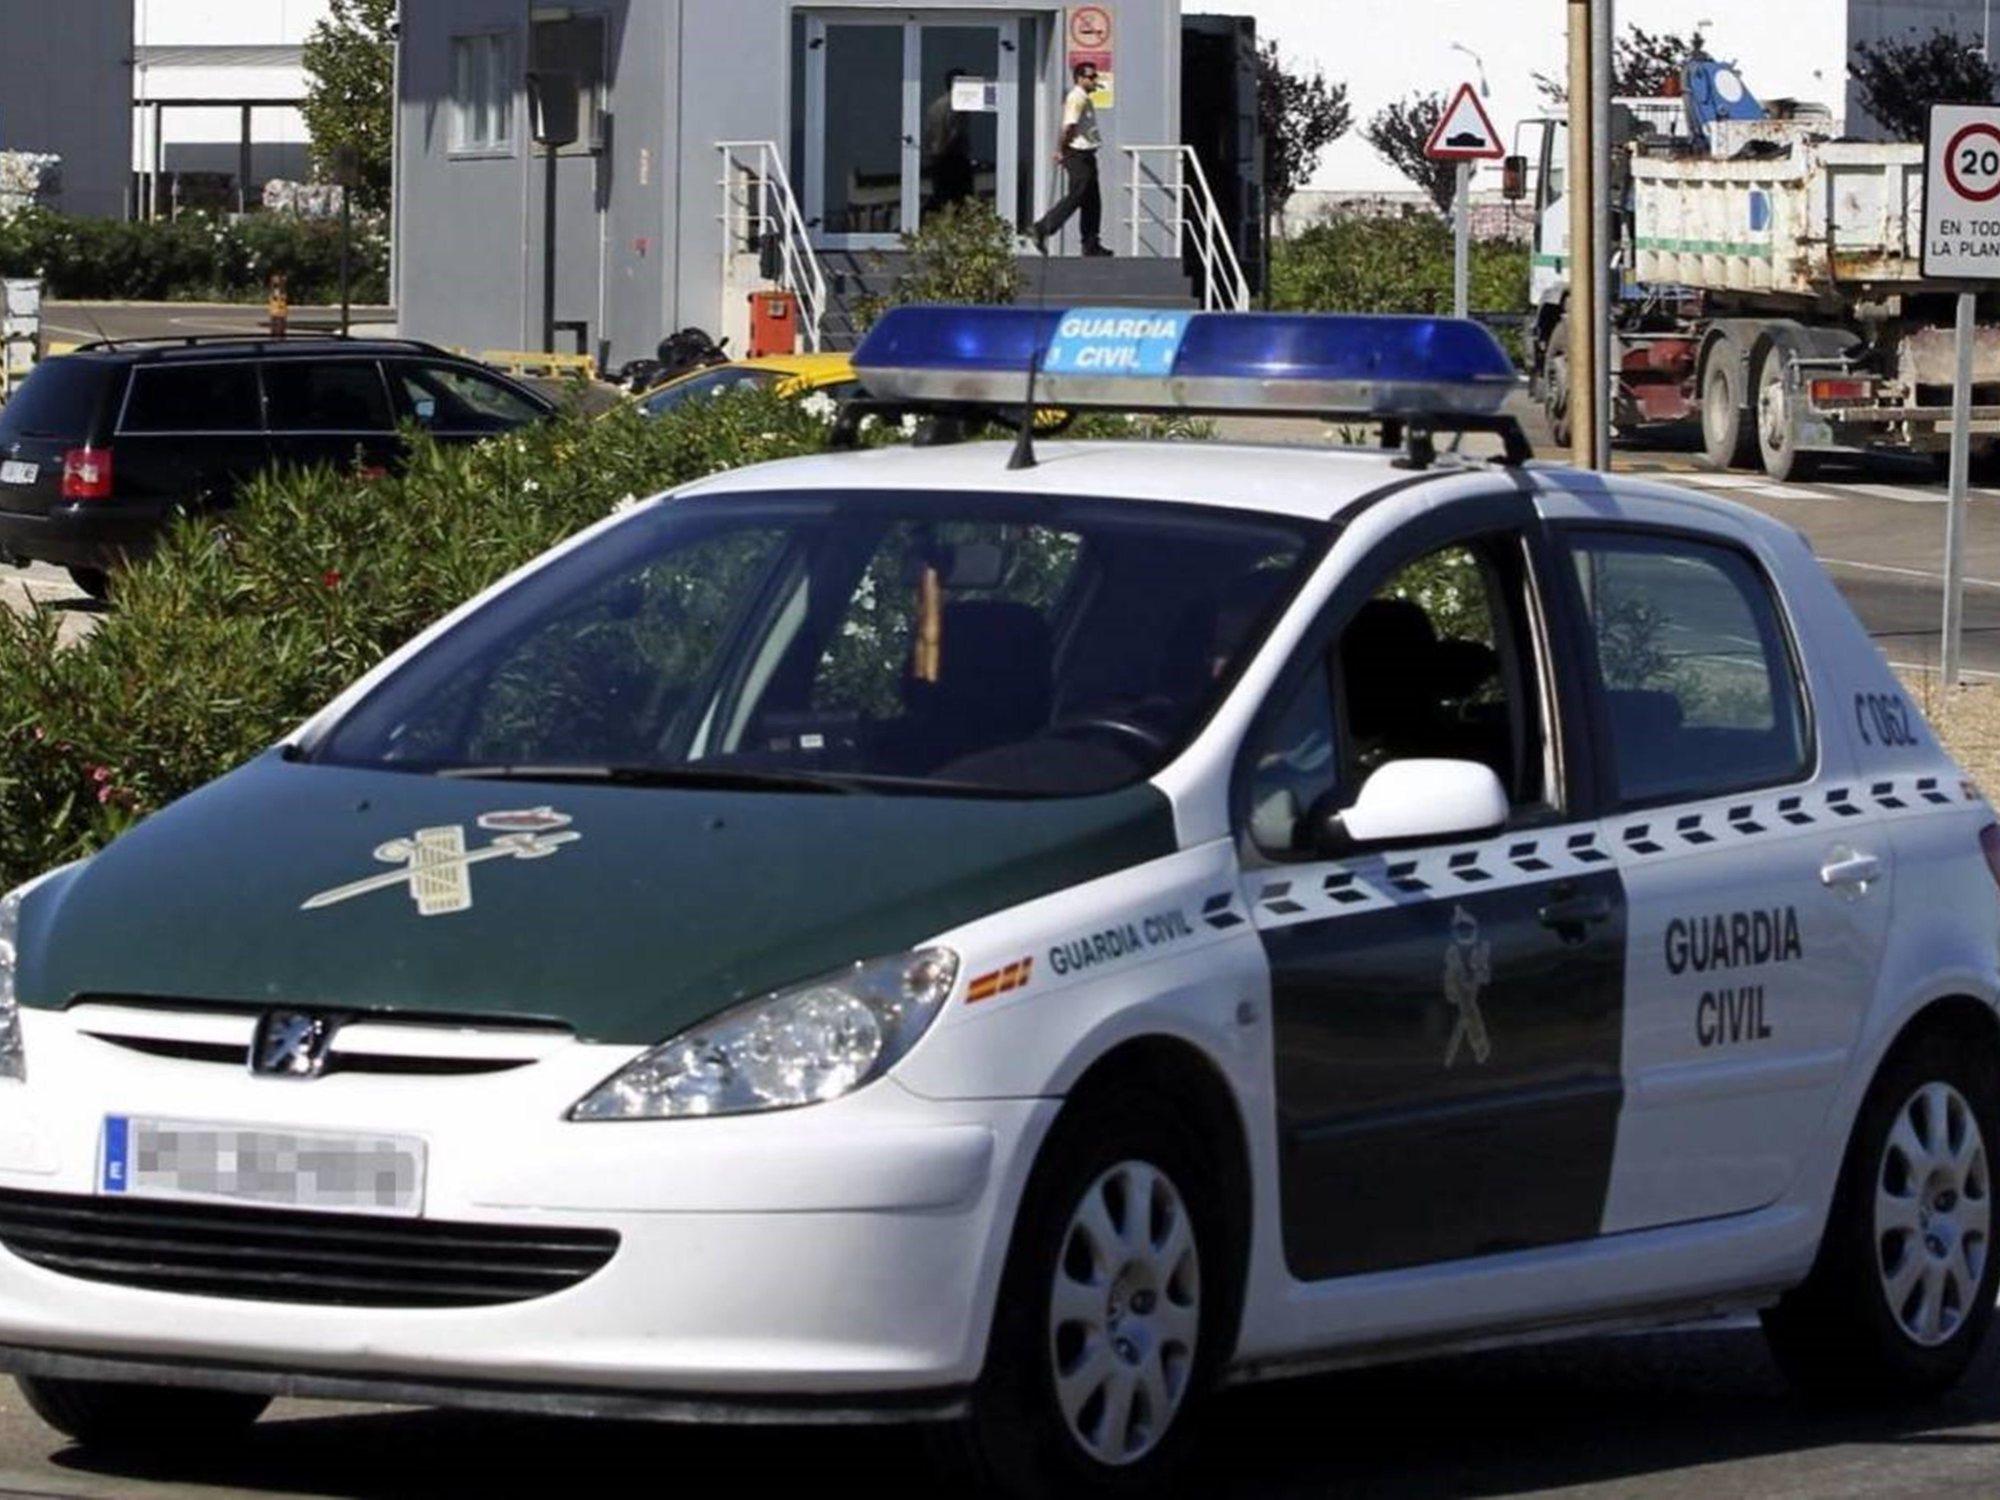 El narco que dejó tres hombres torturados en una cuneta de Chipiona por robar hachís ha huido